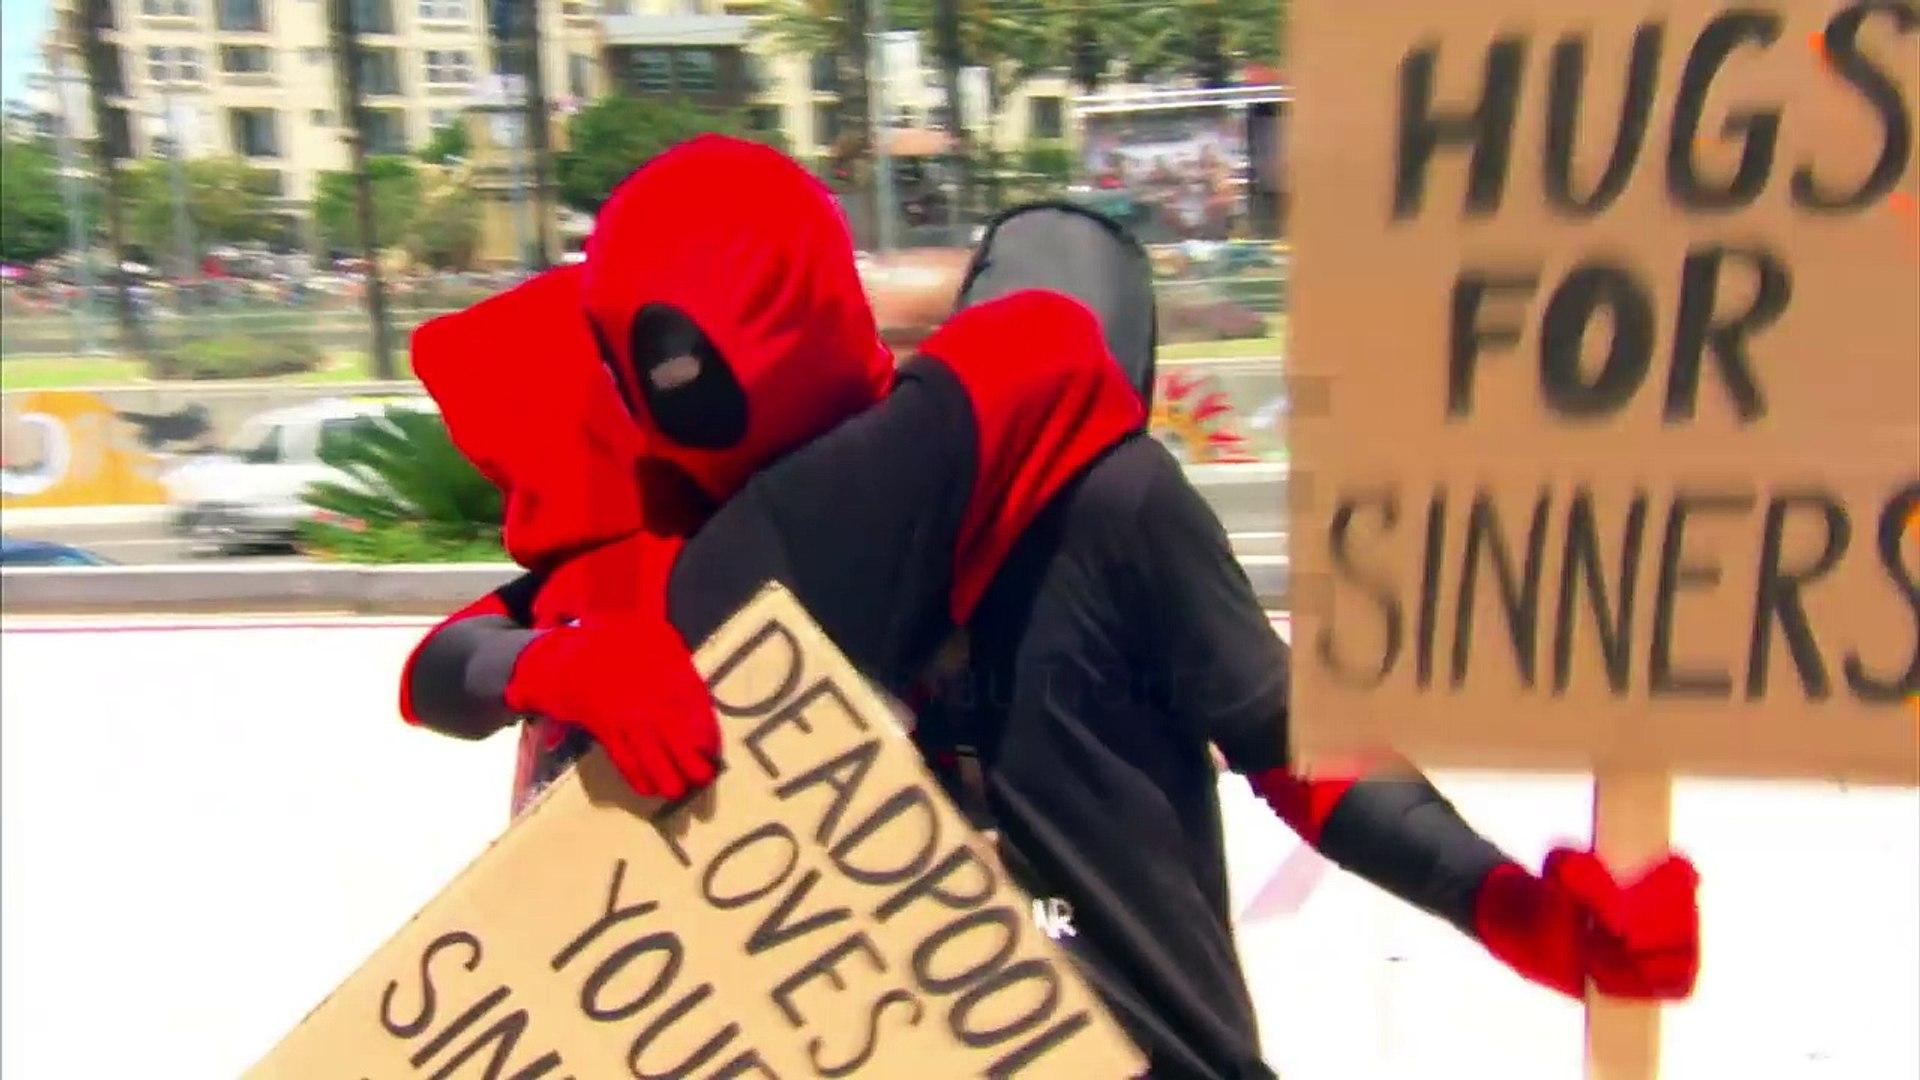 Behind the Scenes of 'Deadpool'